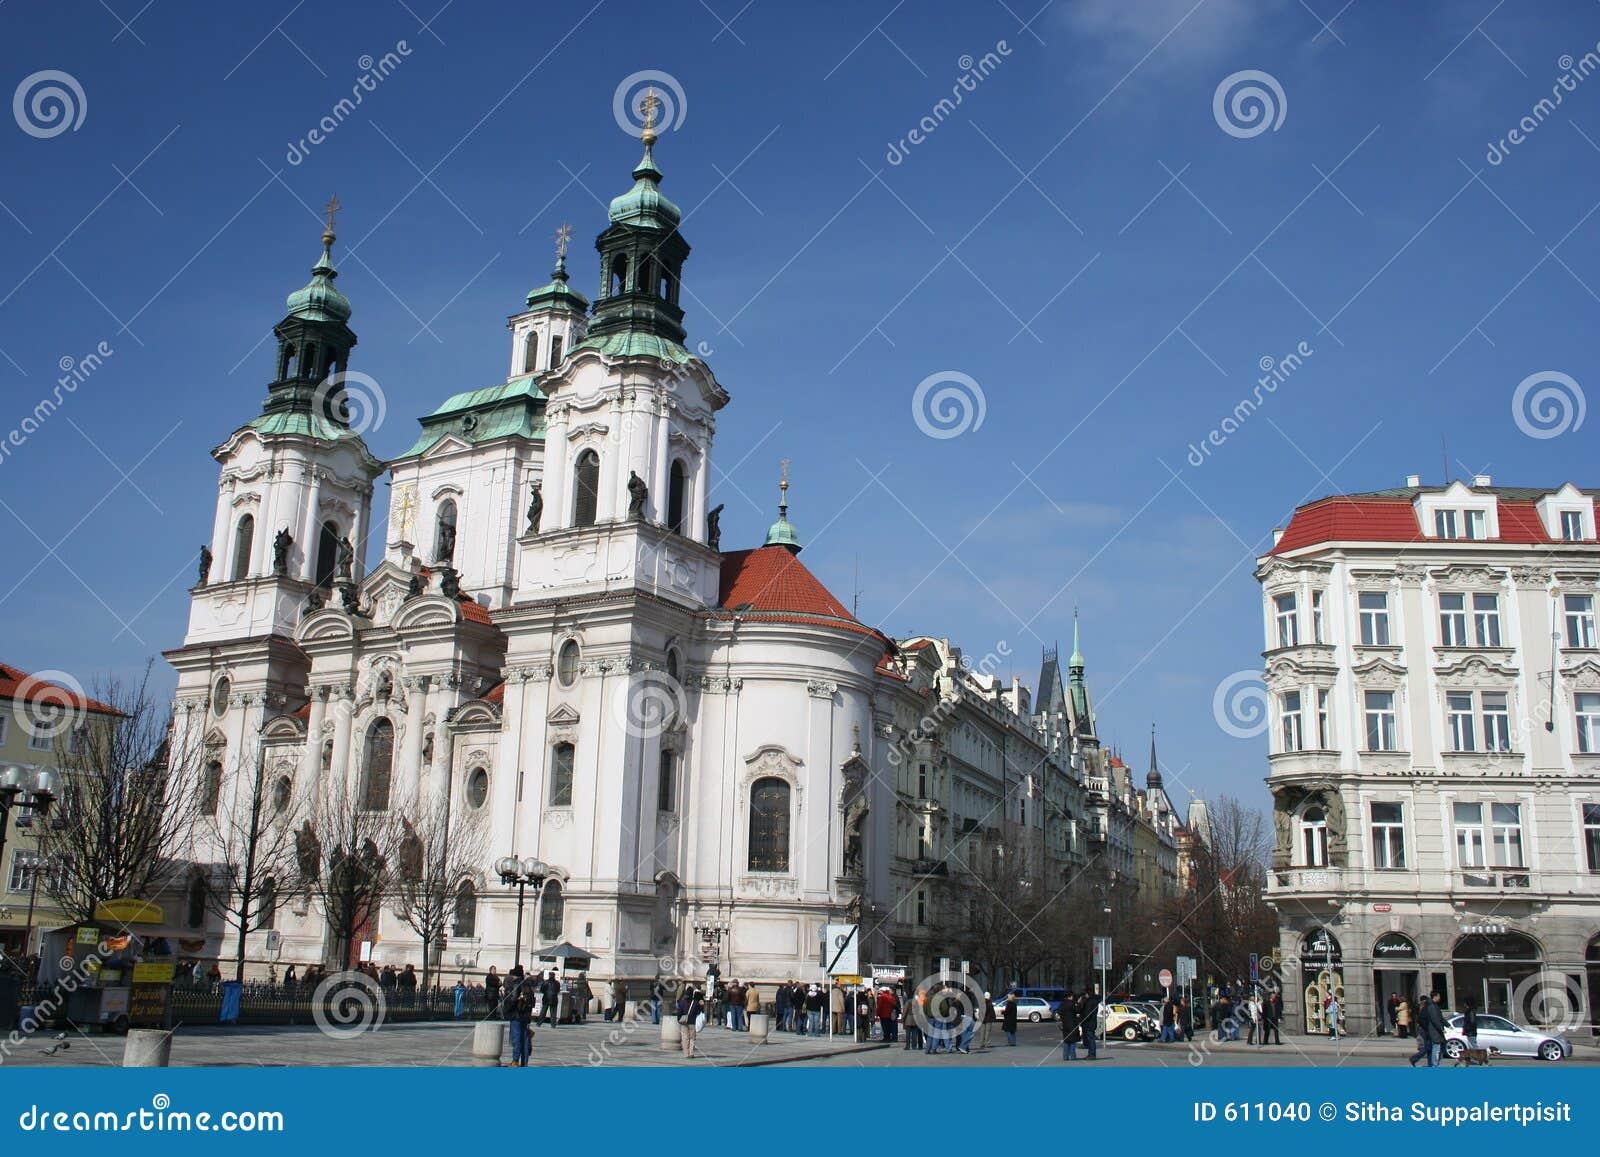 Kerk van St. Nicholas in oud stadsvierkant, Praag, Tsjechische Republiek